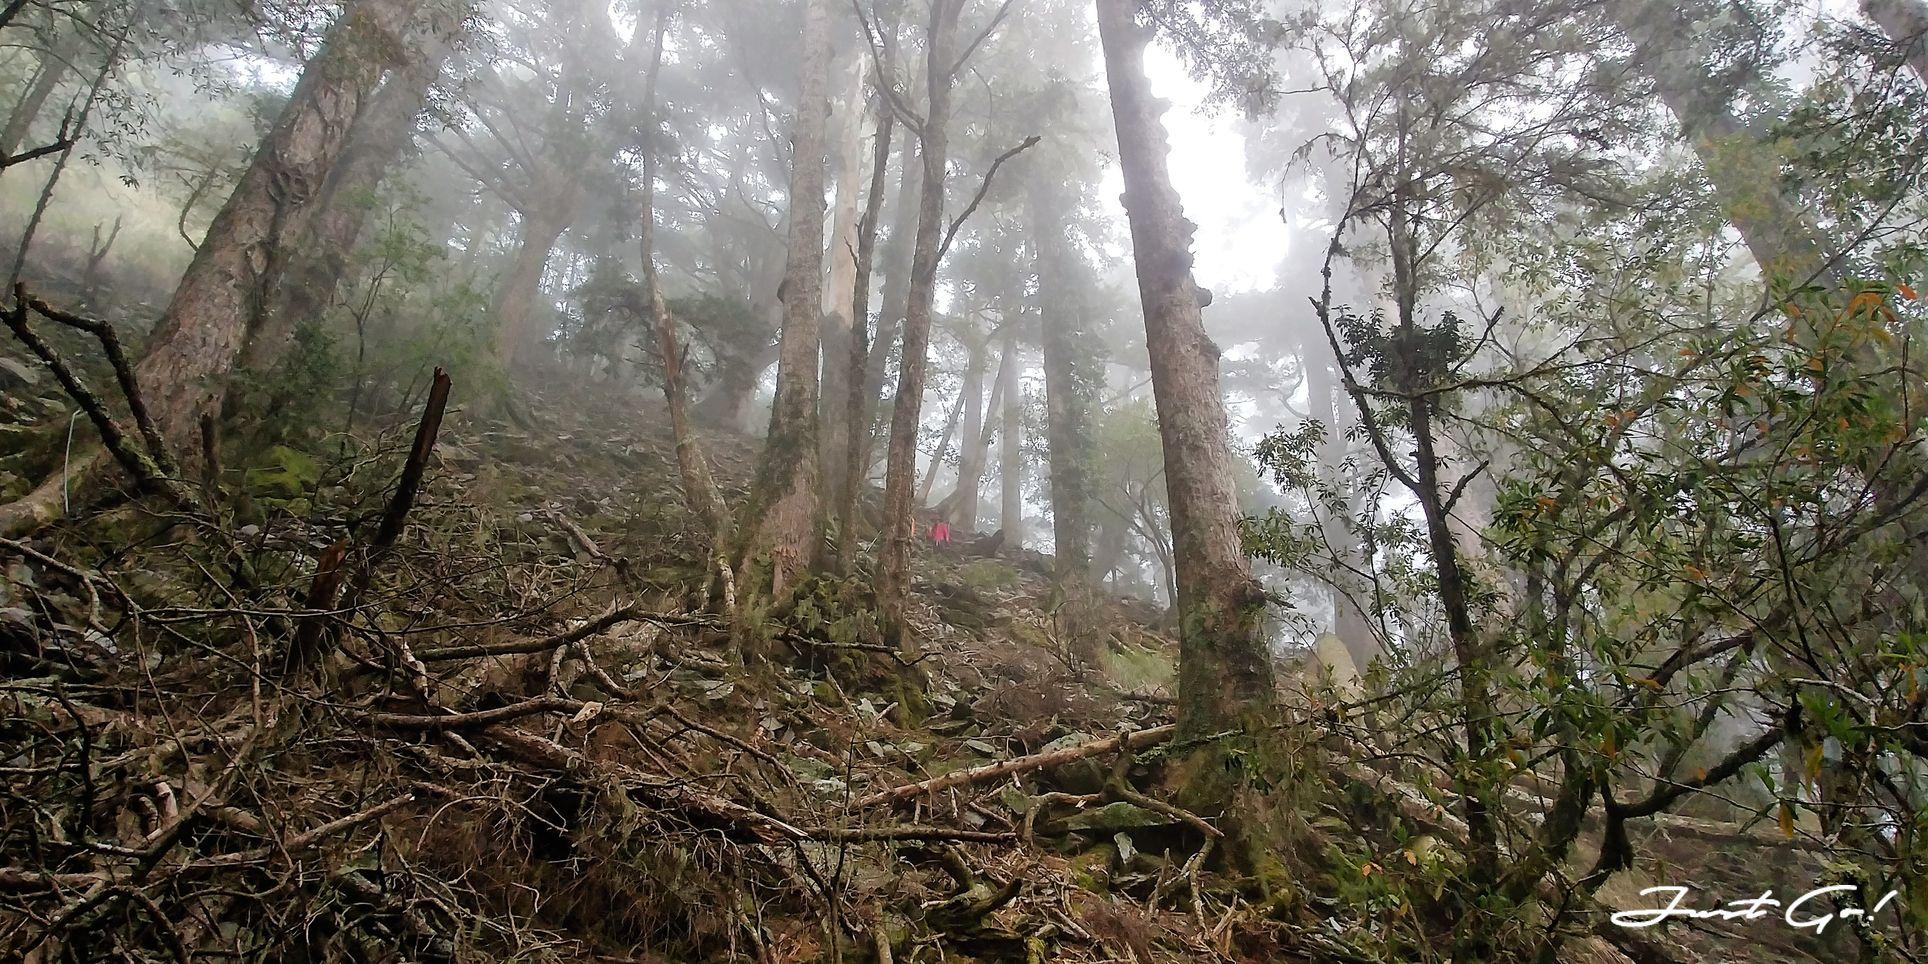 台灣 - 一日百岳·畢祿羊頭縱走單攻紀錄- gpx路線、申請、接駁及遊記19